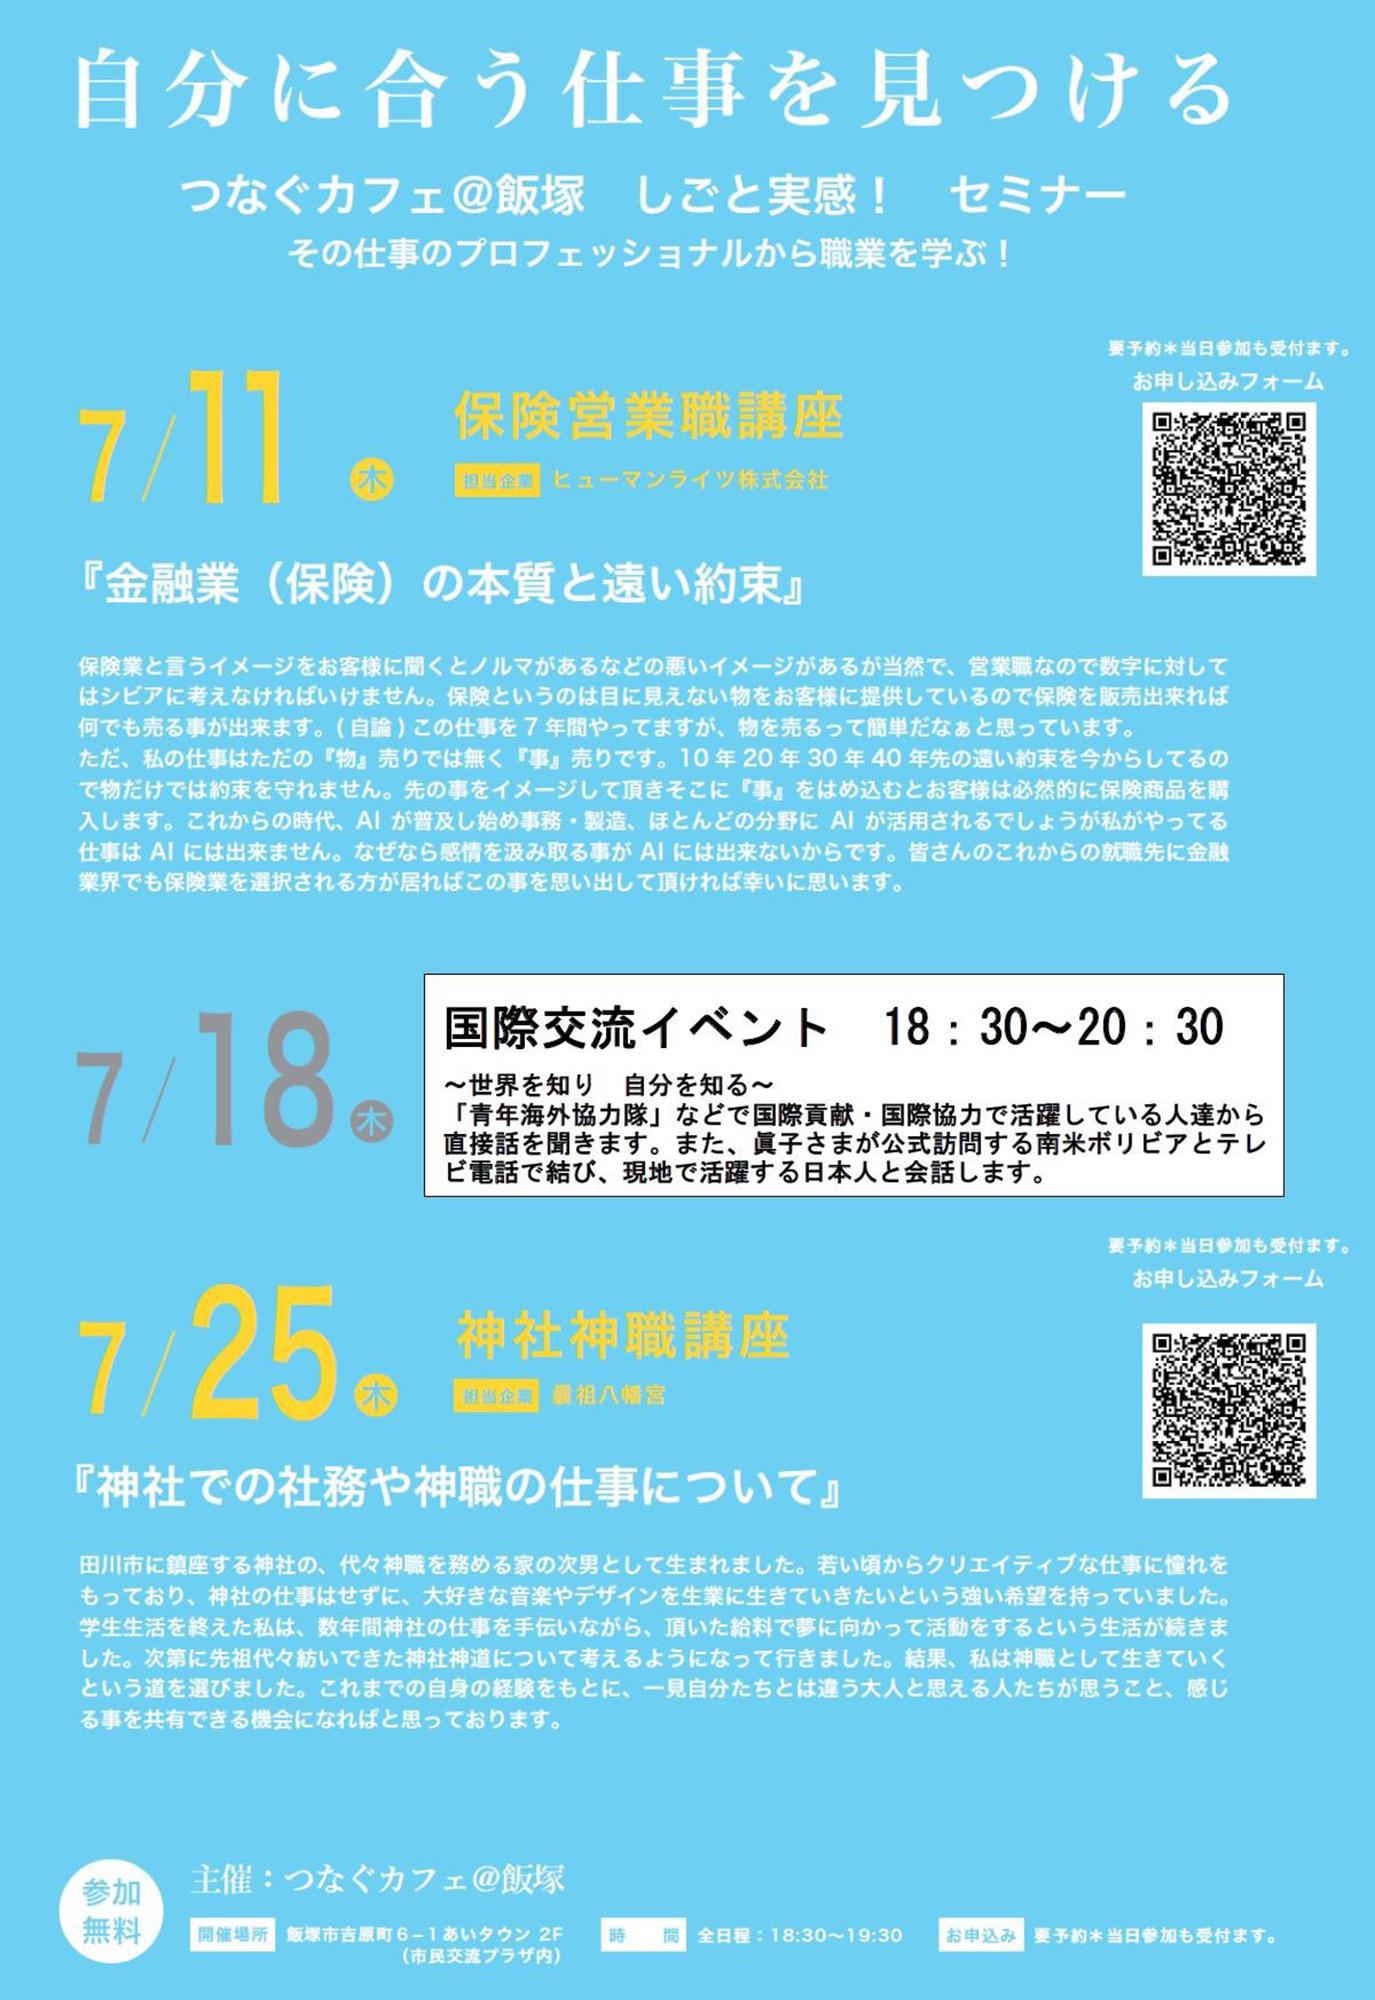 つなぐカフェ@飯塚「しごと実感セミナー」(7月)